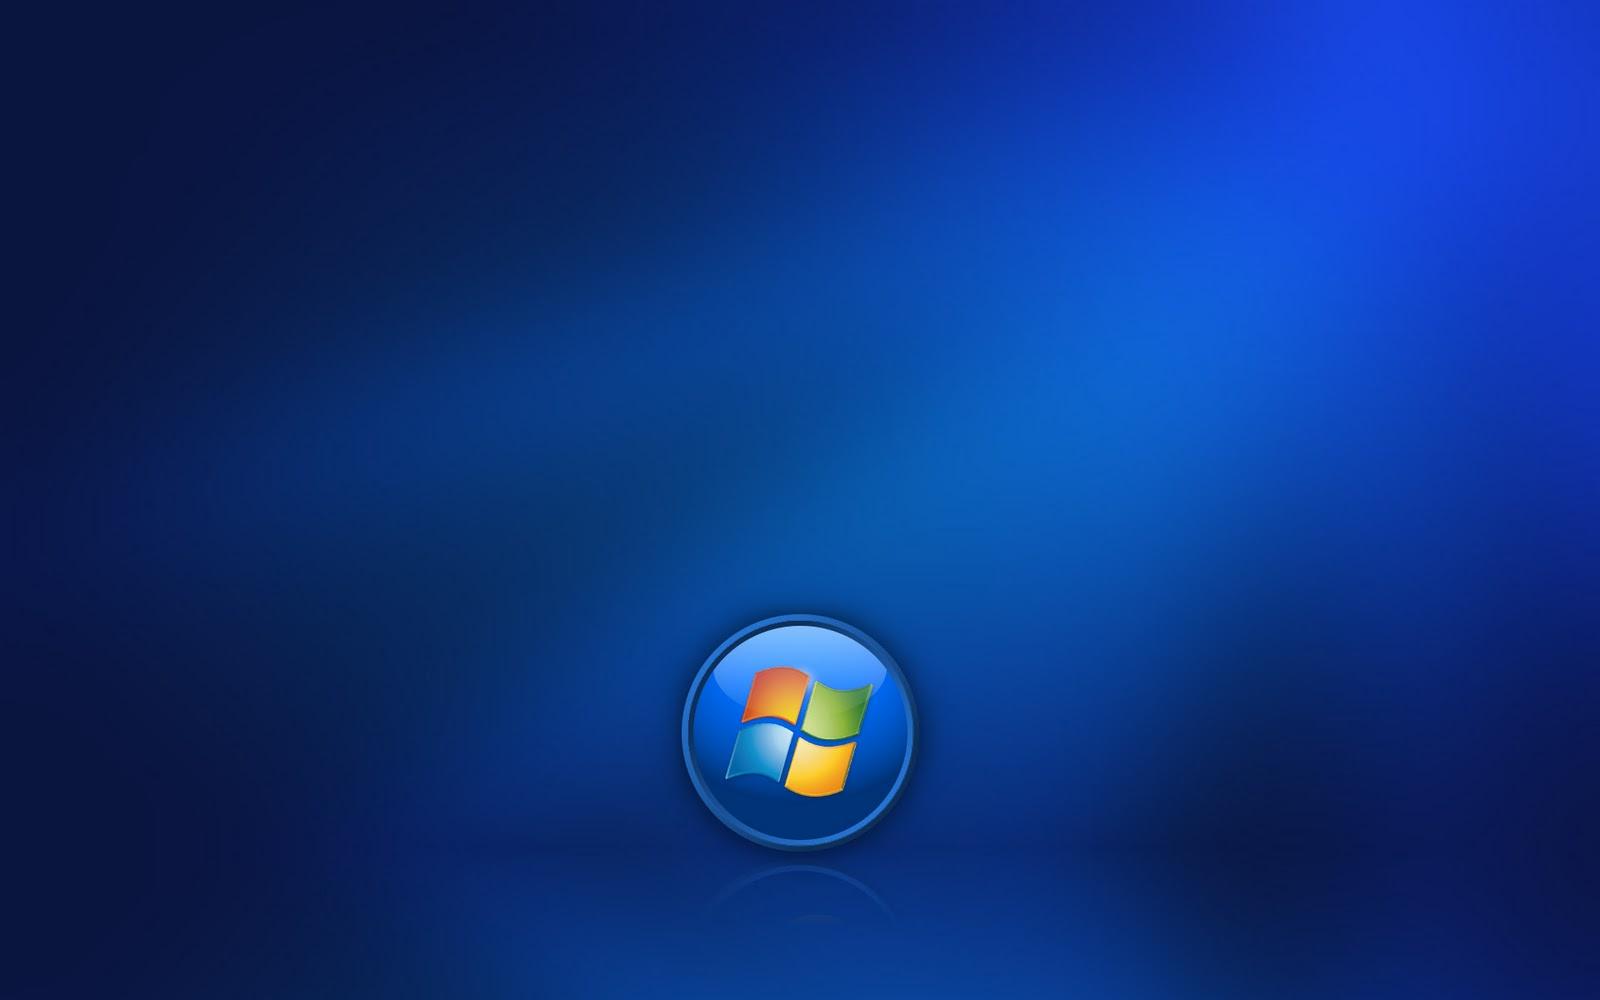 Windows 7 Wallpaper Collection Part 2 Kumpulan Gambar